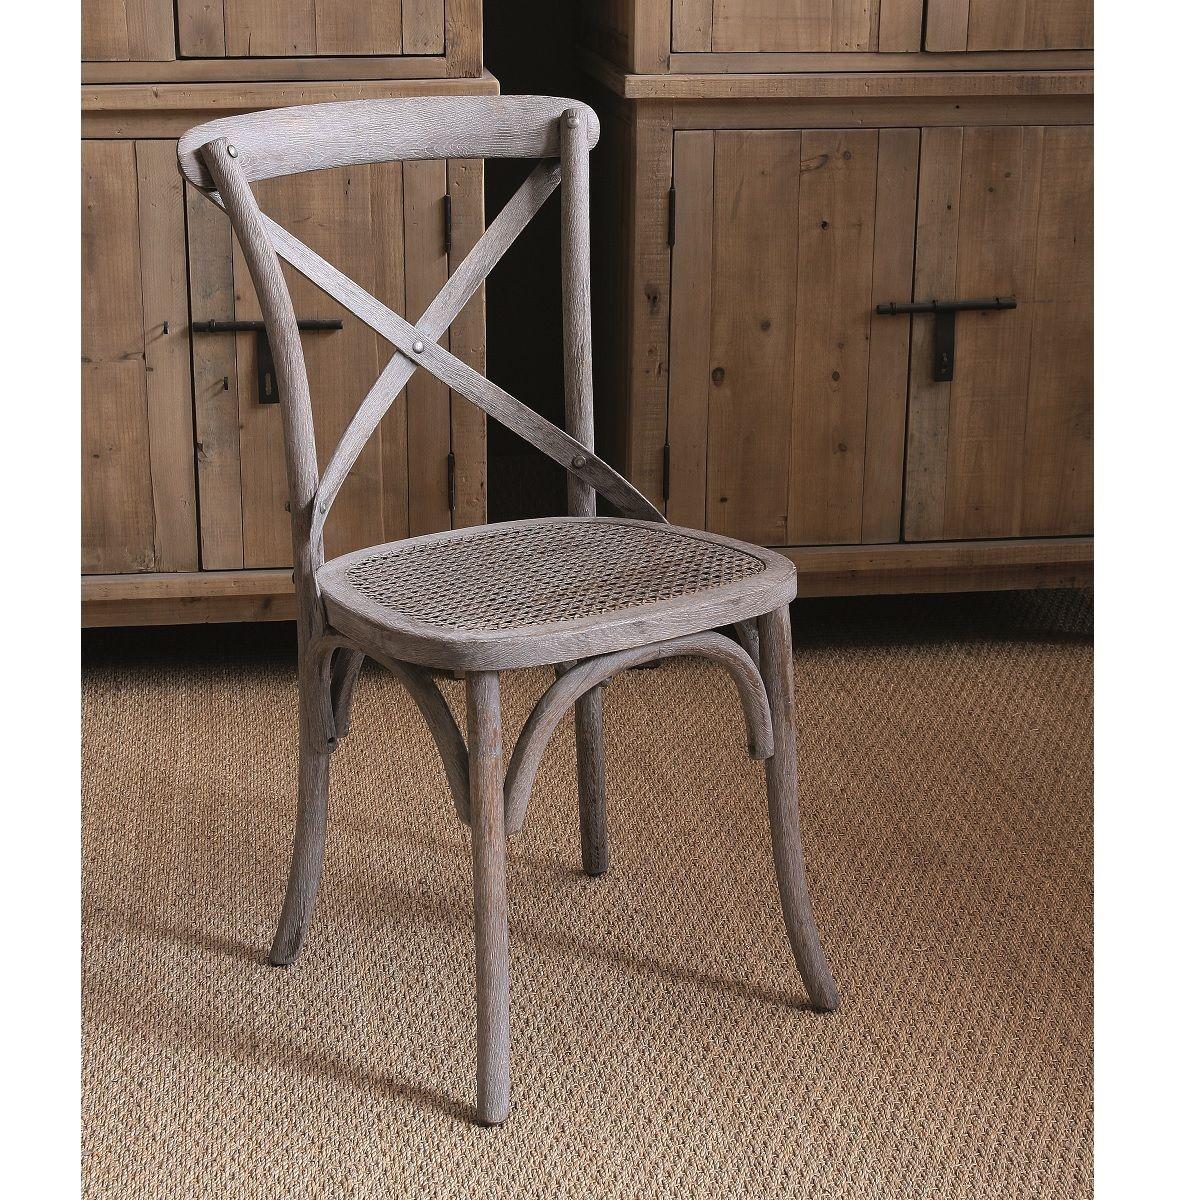 M s de 25 ideas incre bles sobre sillas vintage en for Sillas blancas vintage